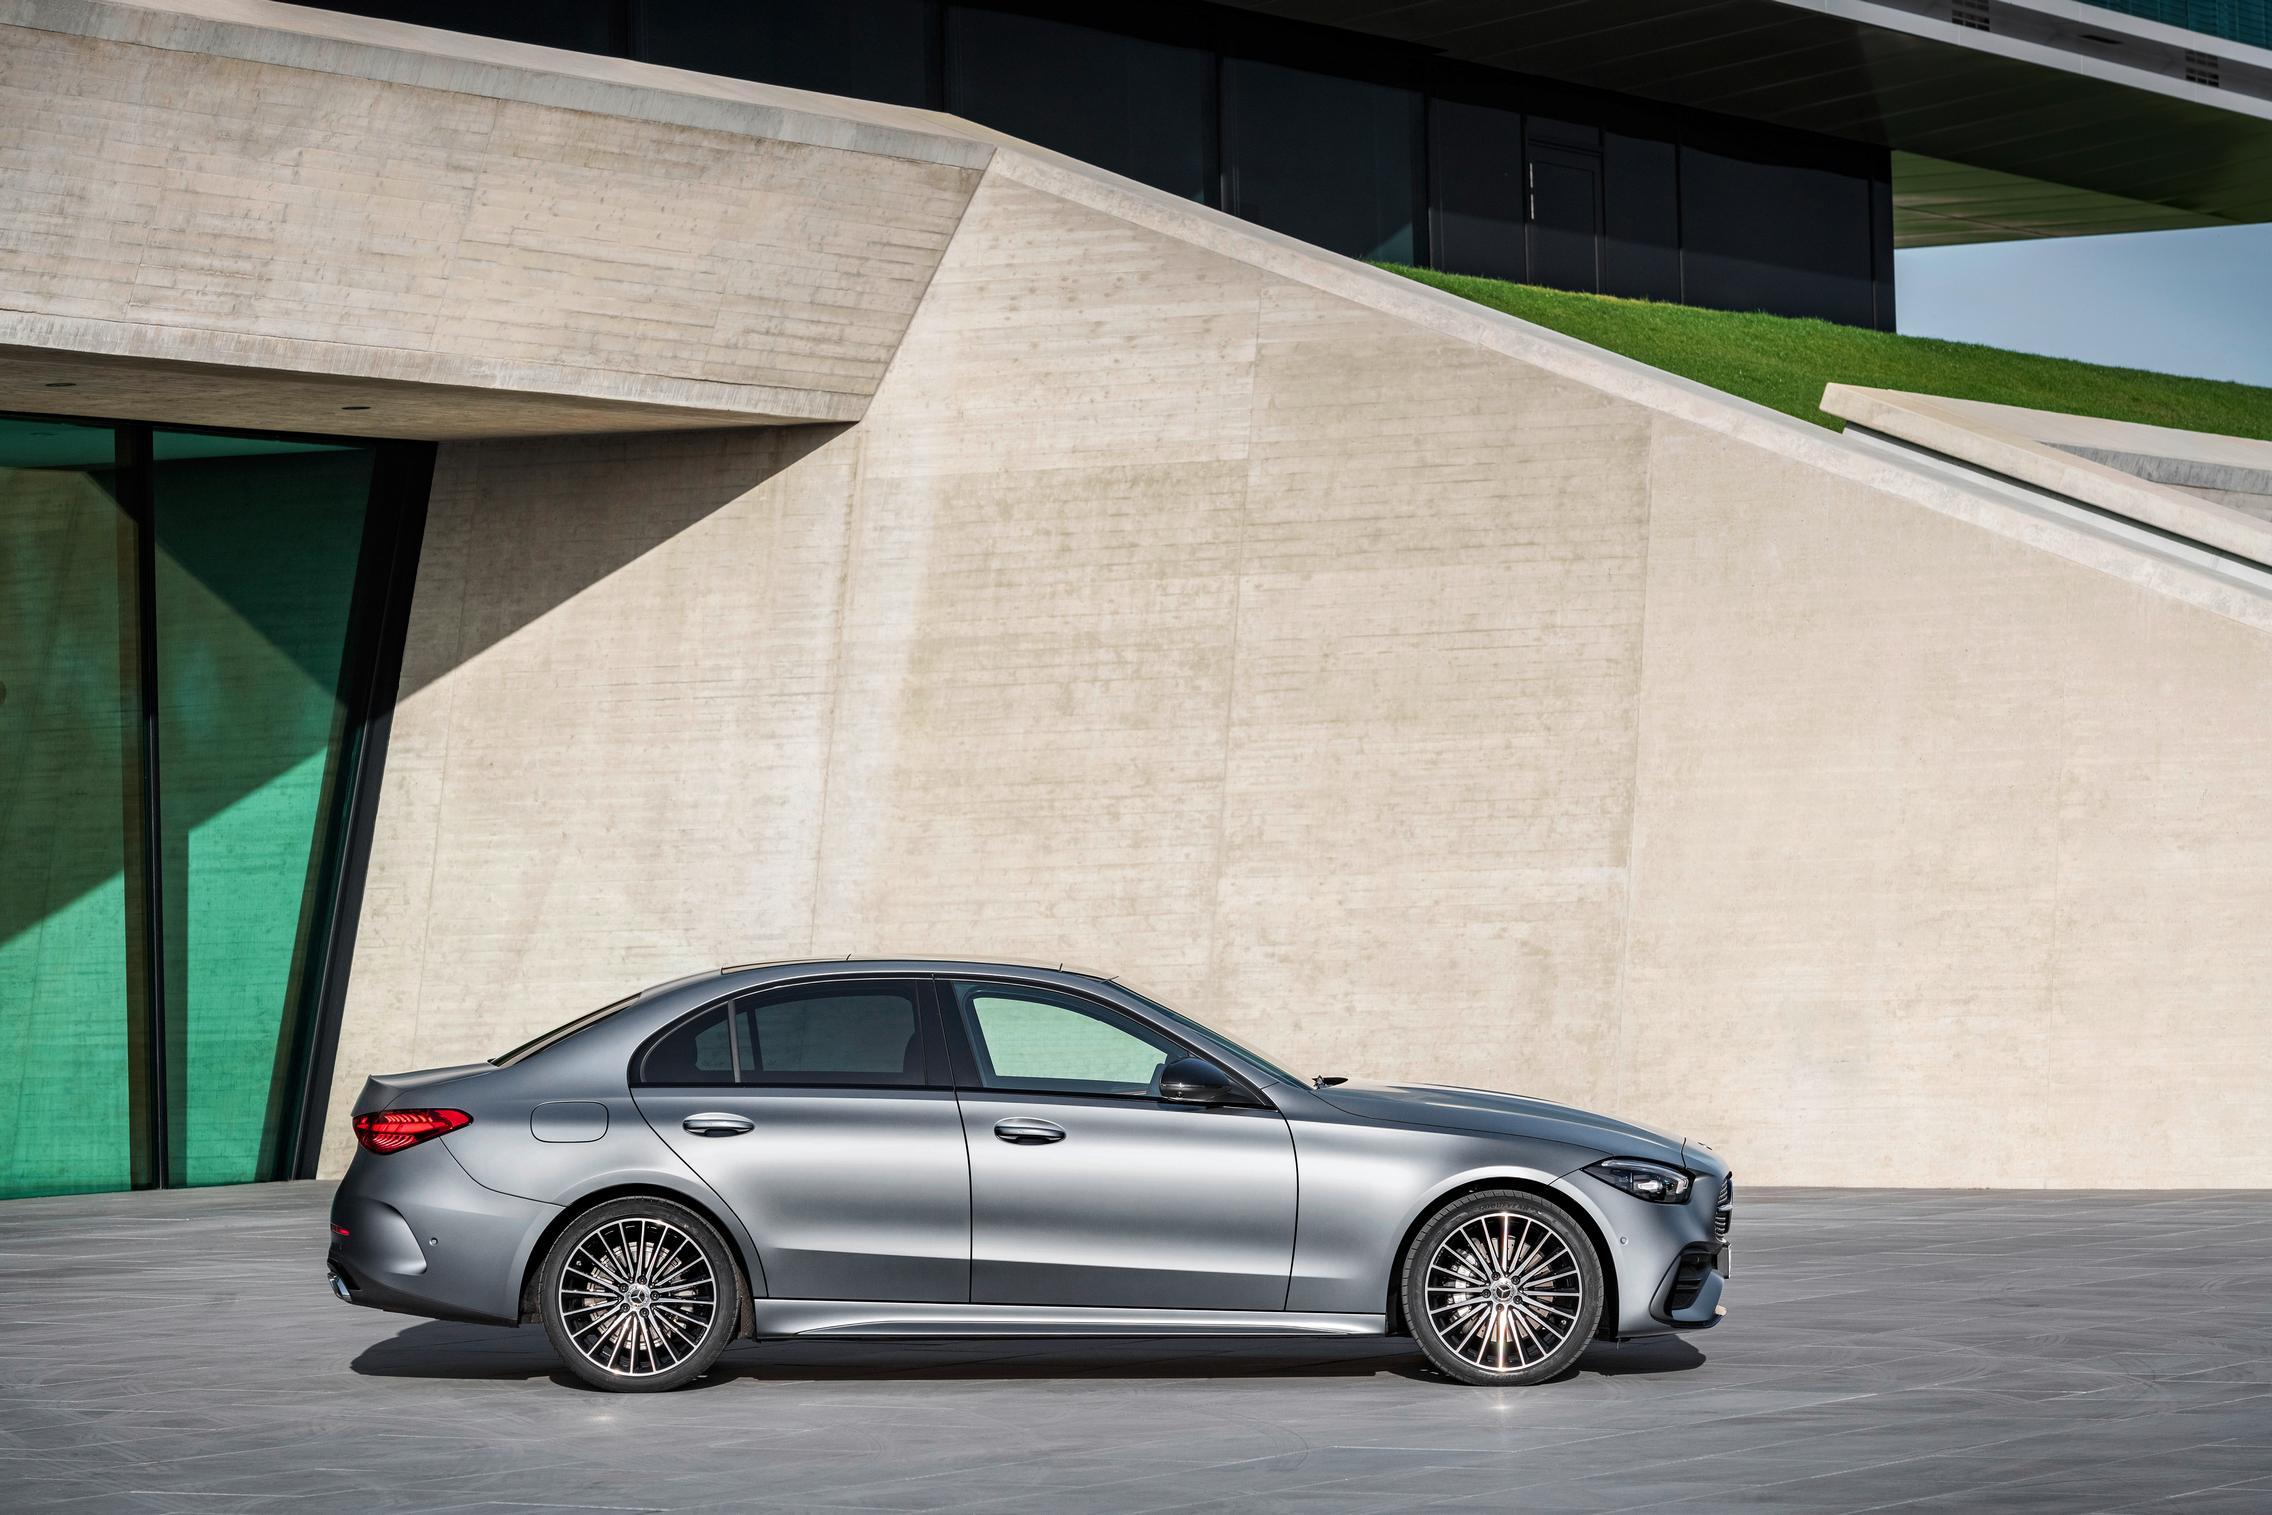 New-W206-C-Class-grey